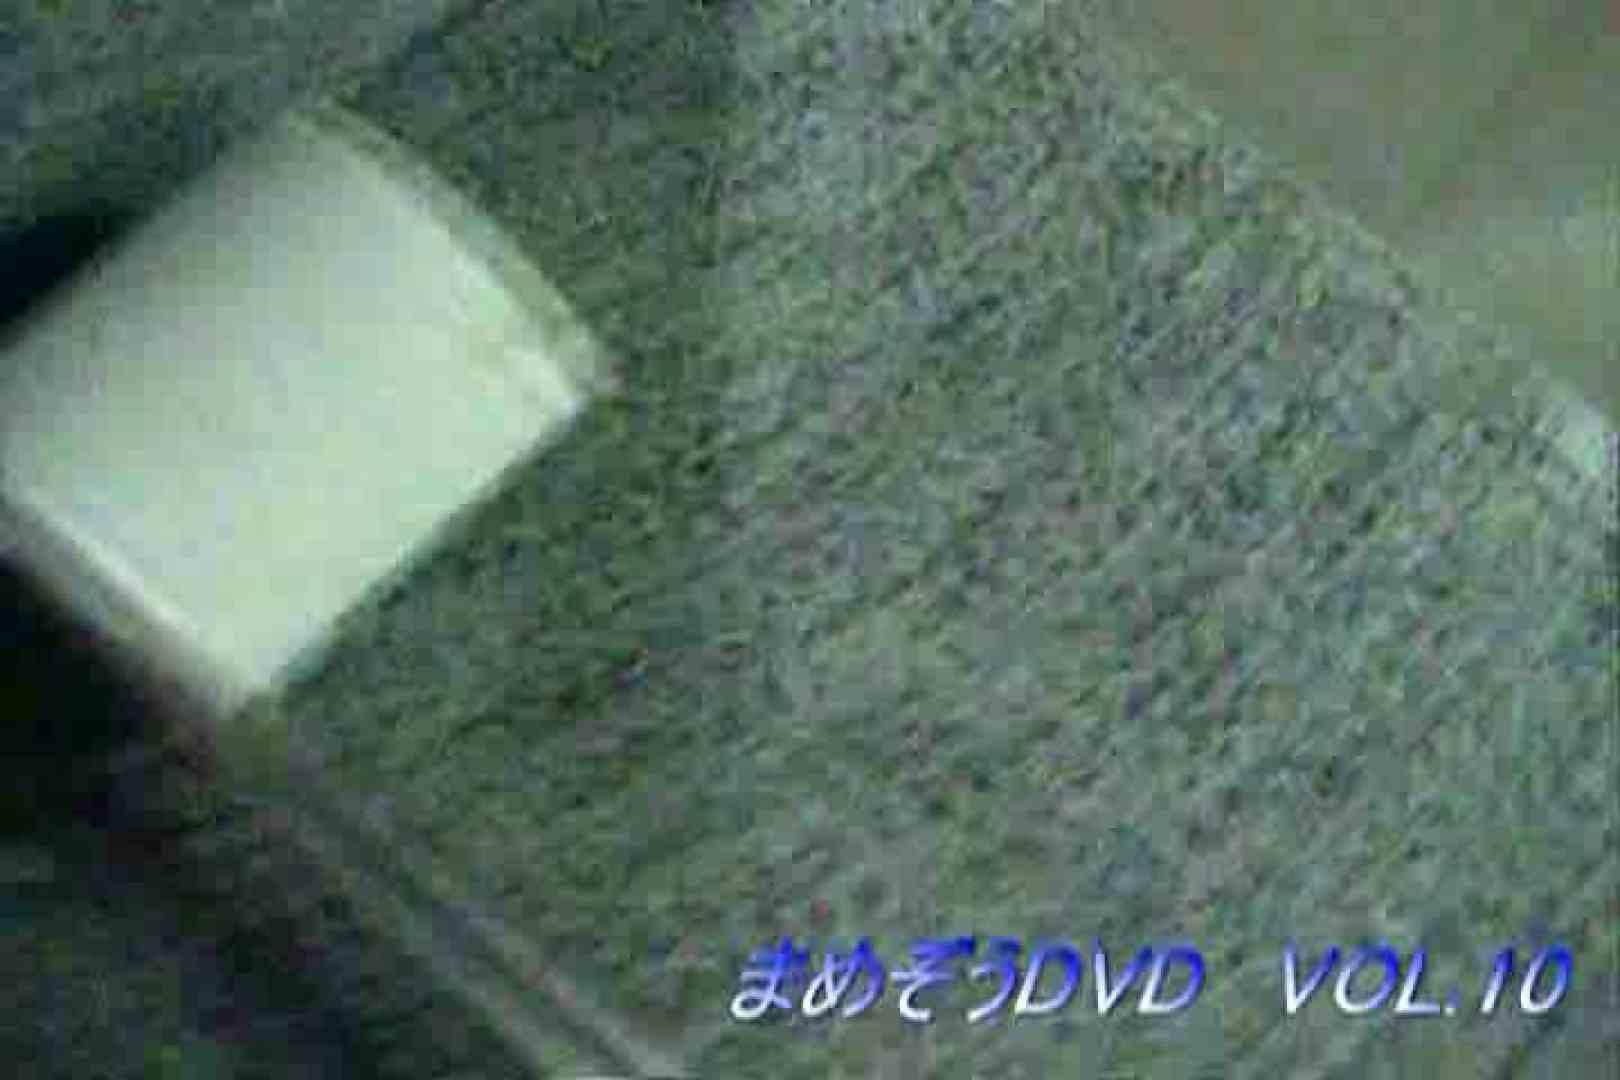 まめぞうDVD完全版VOL.10 ギャル達   洗面所のぞき  106枚 39